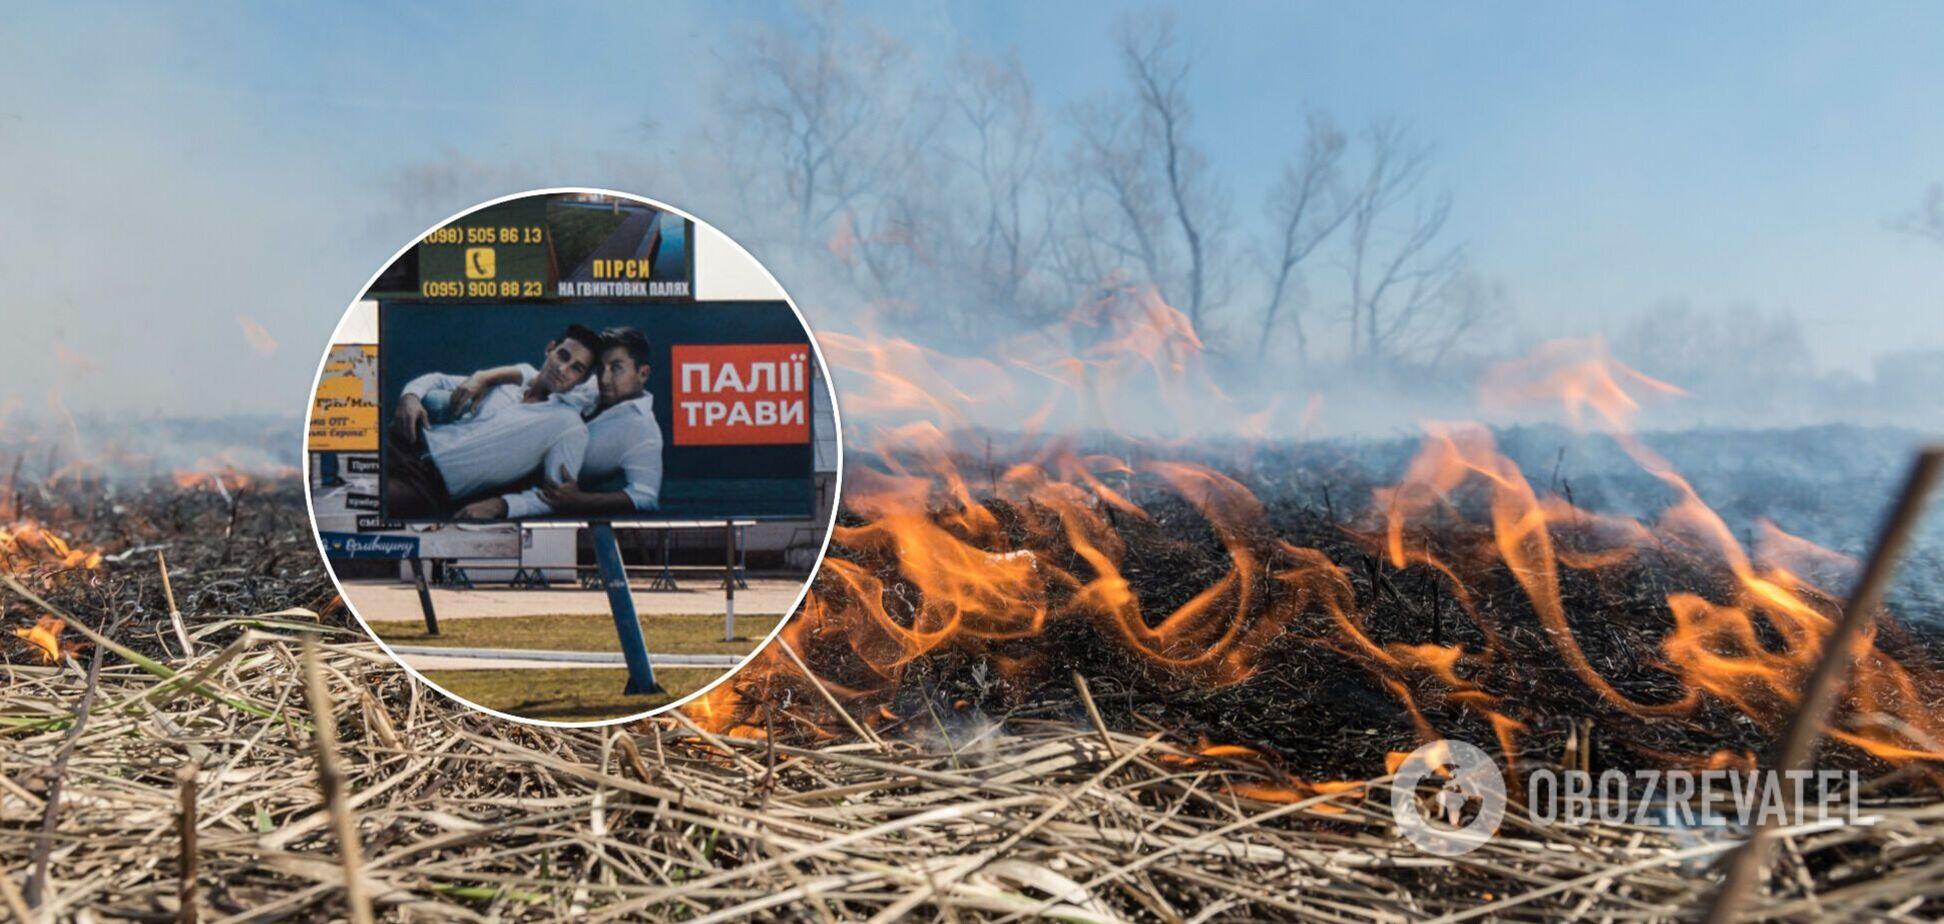 Під Дніпром запустили гомофобну рекламу проти паліїв трави. Фото